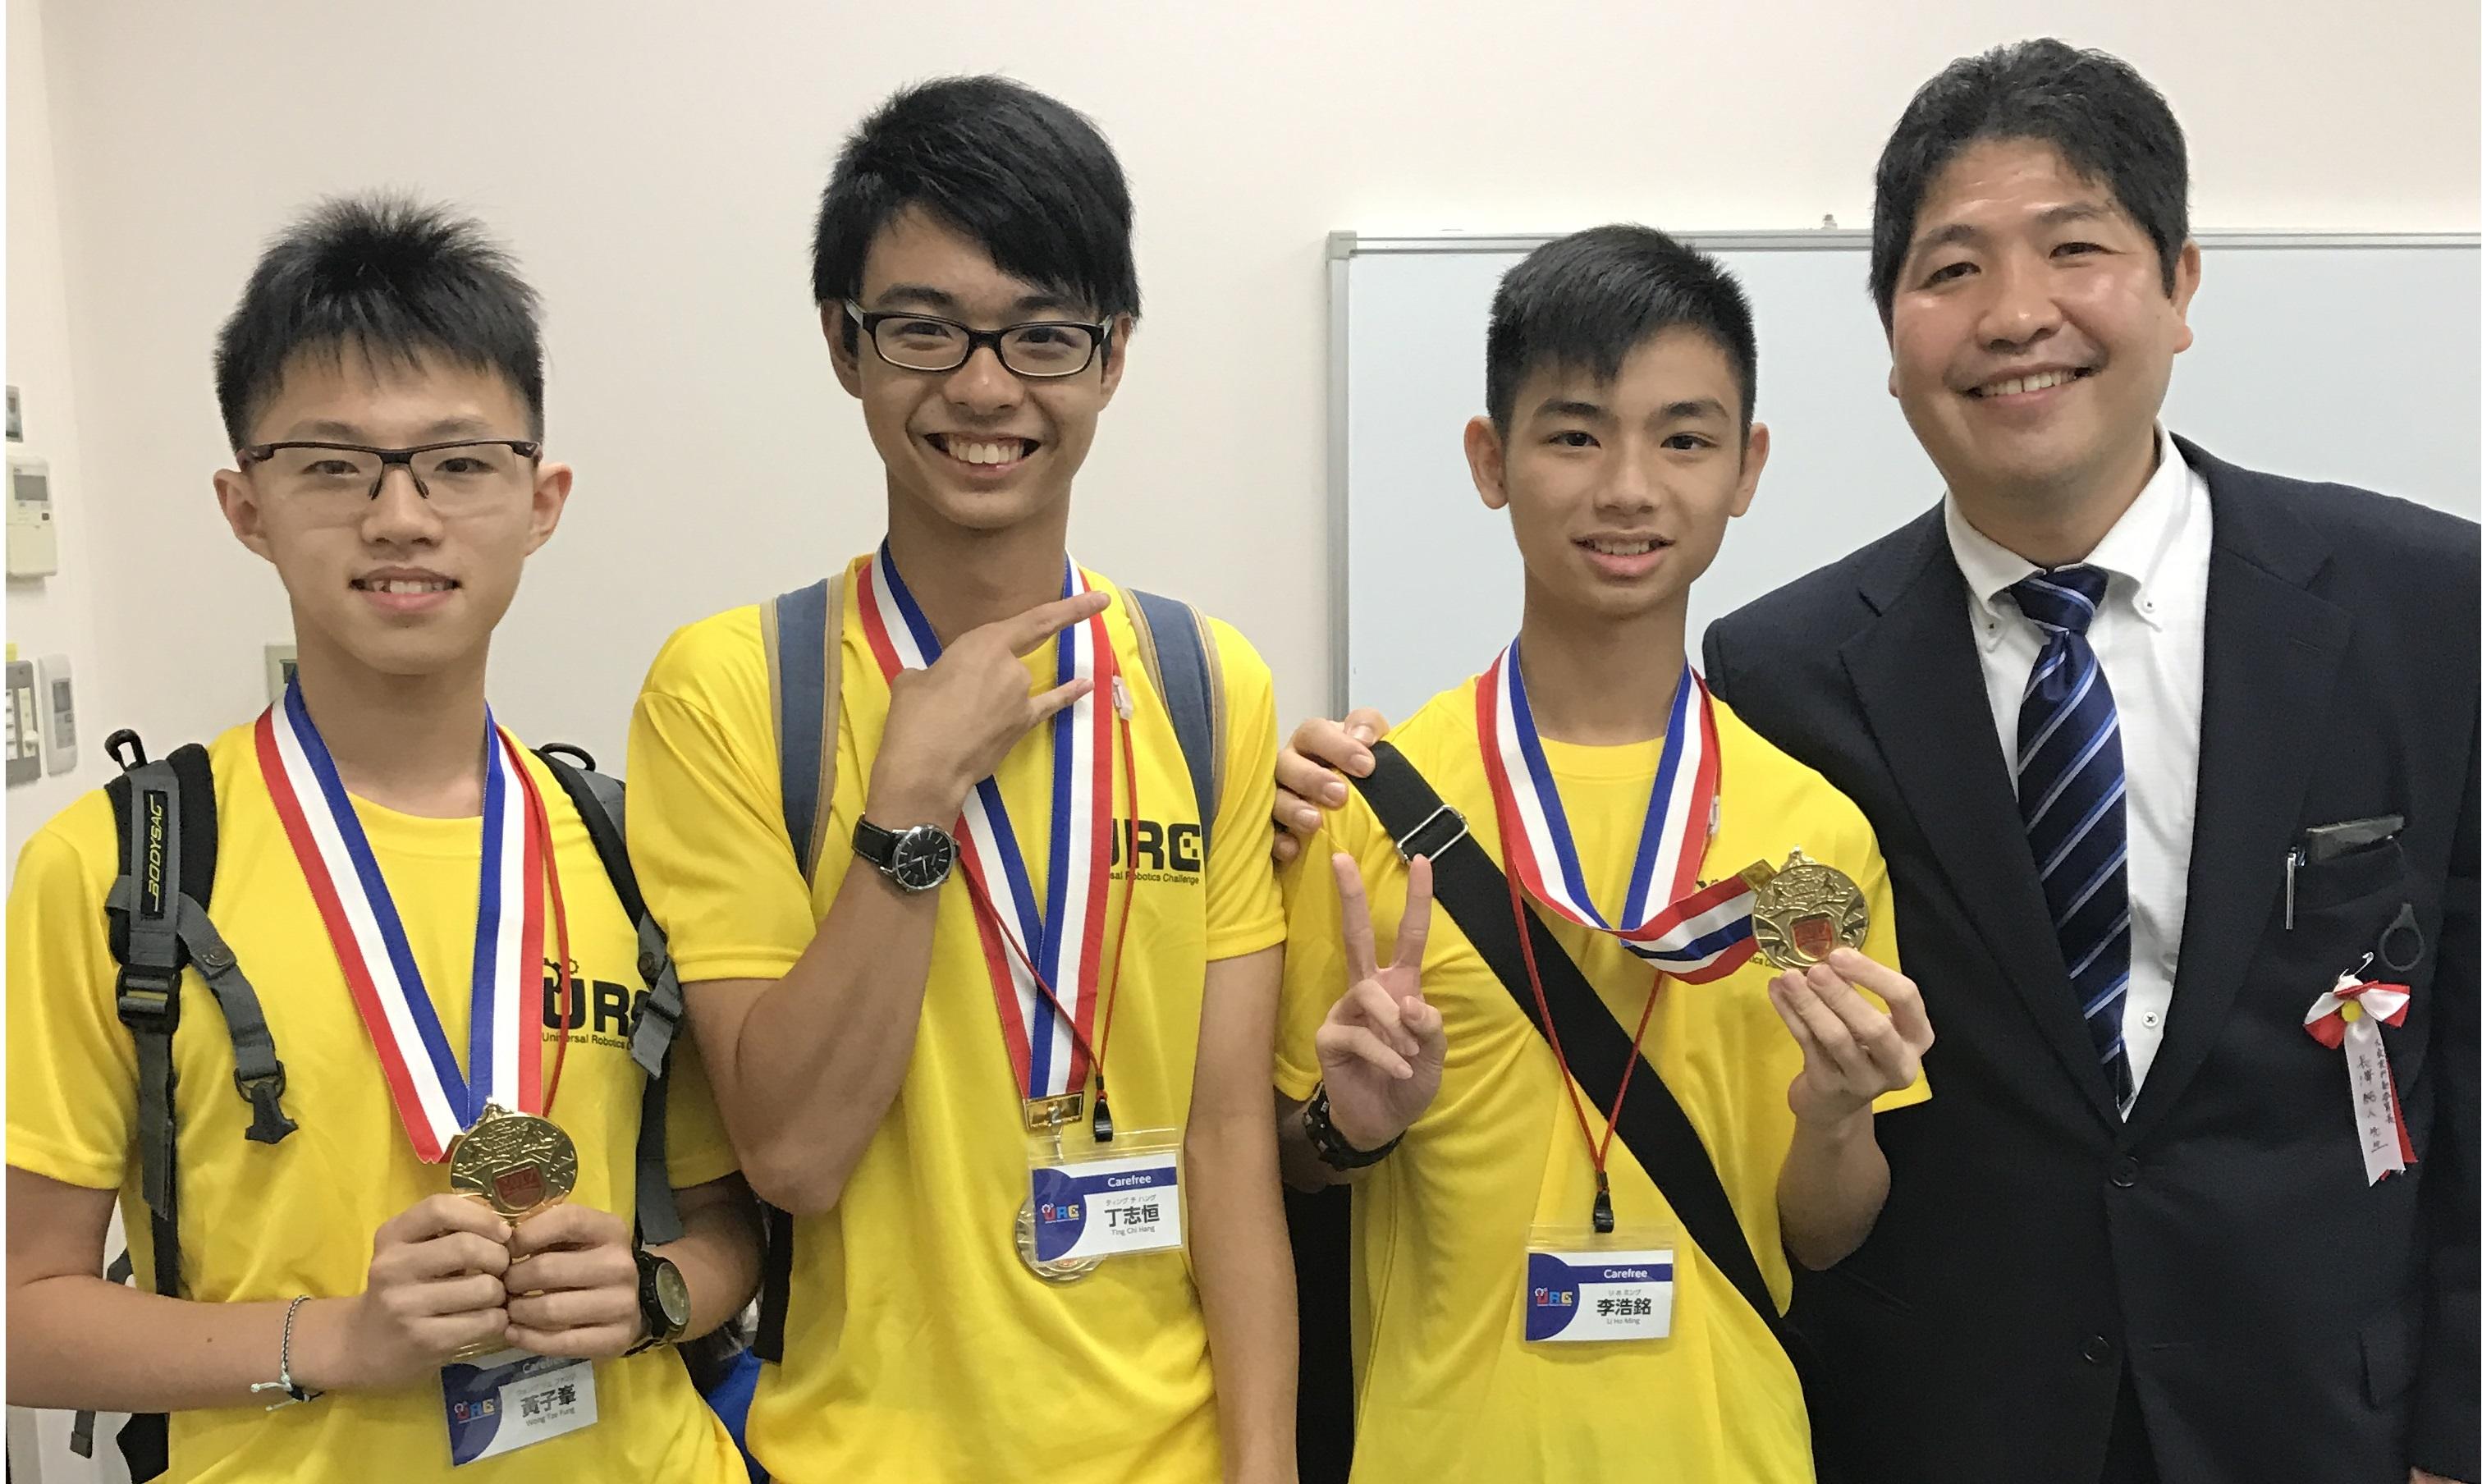 天主教慈幼會伍少梅中學的日本機械人比賽 - Universal Robotic Challenge 最佳設計獎相片11